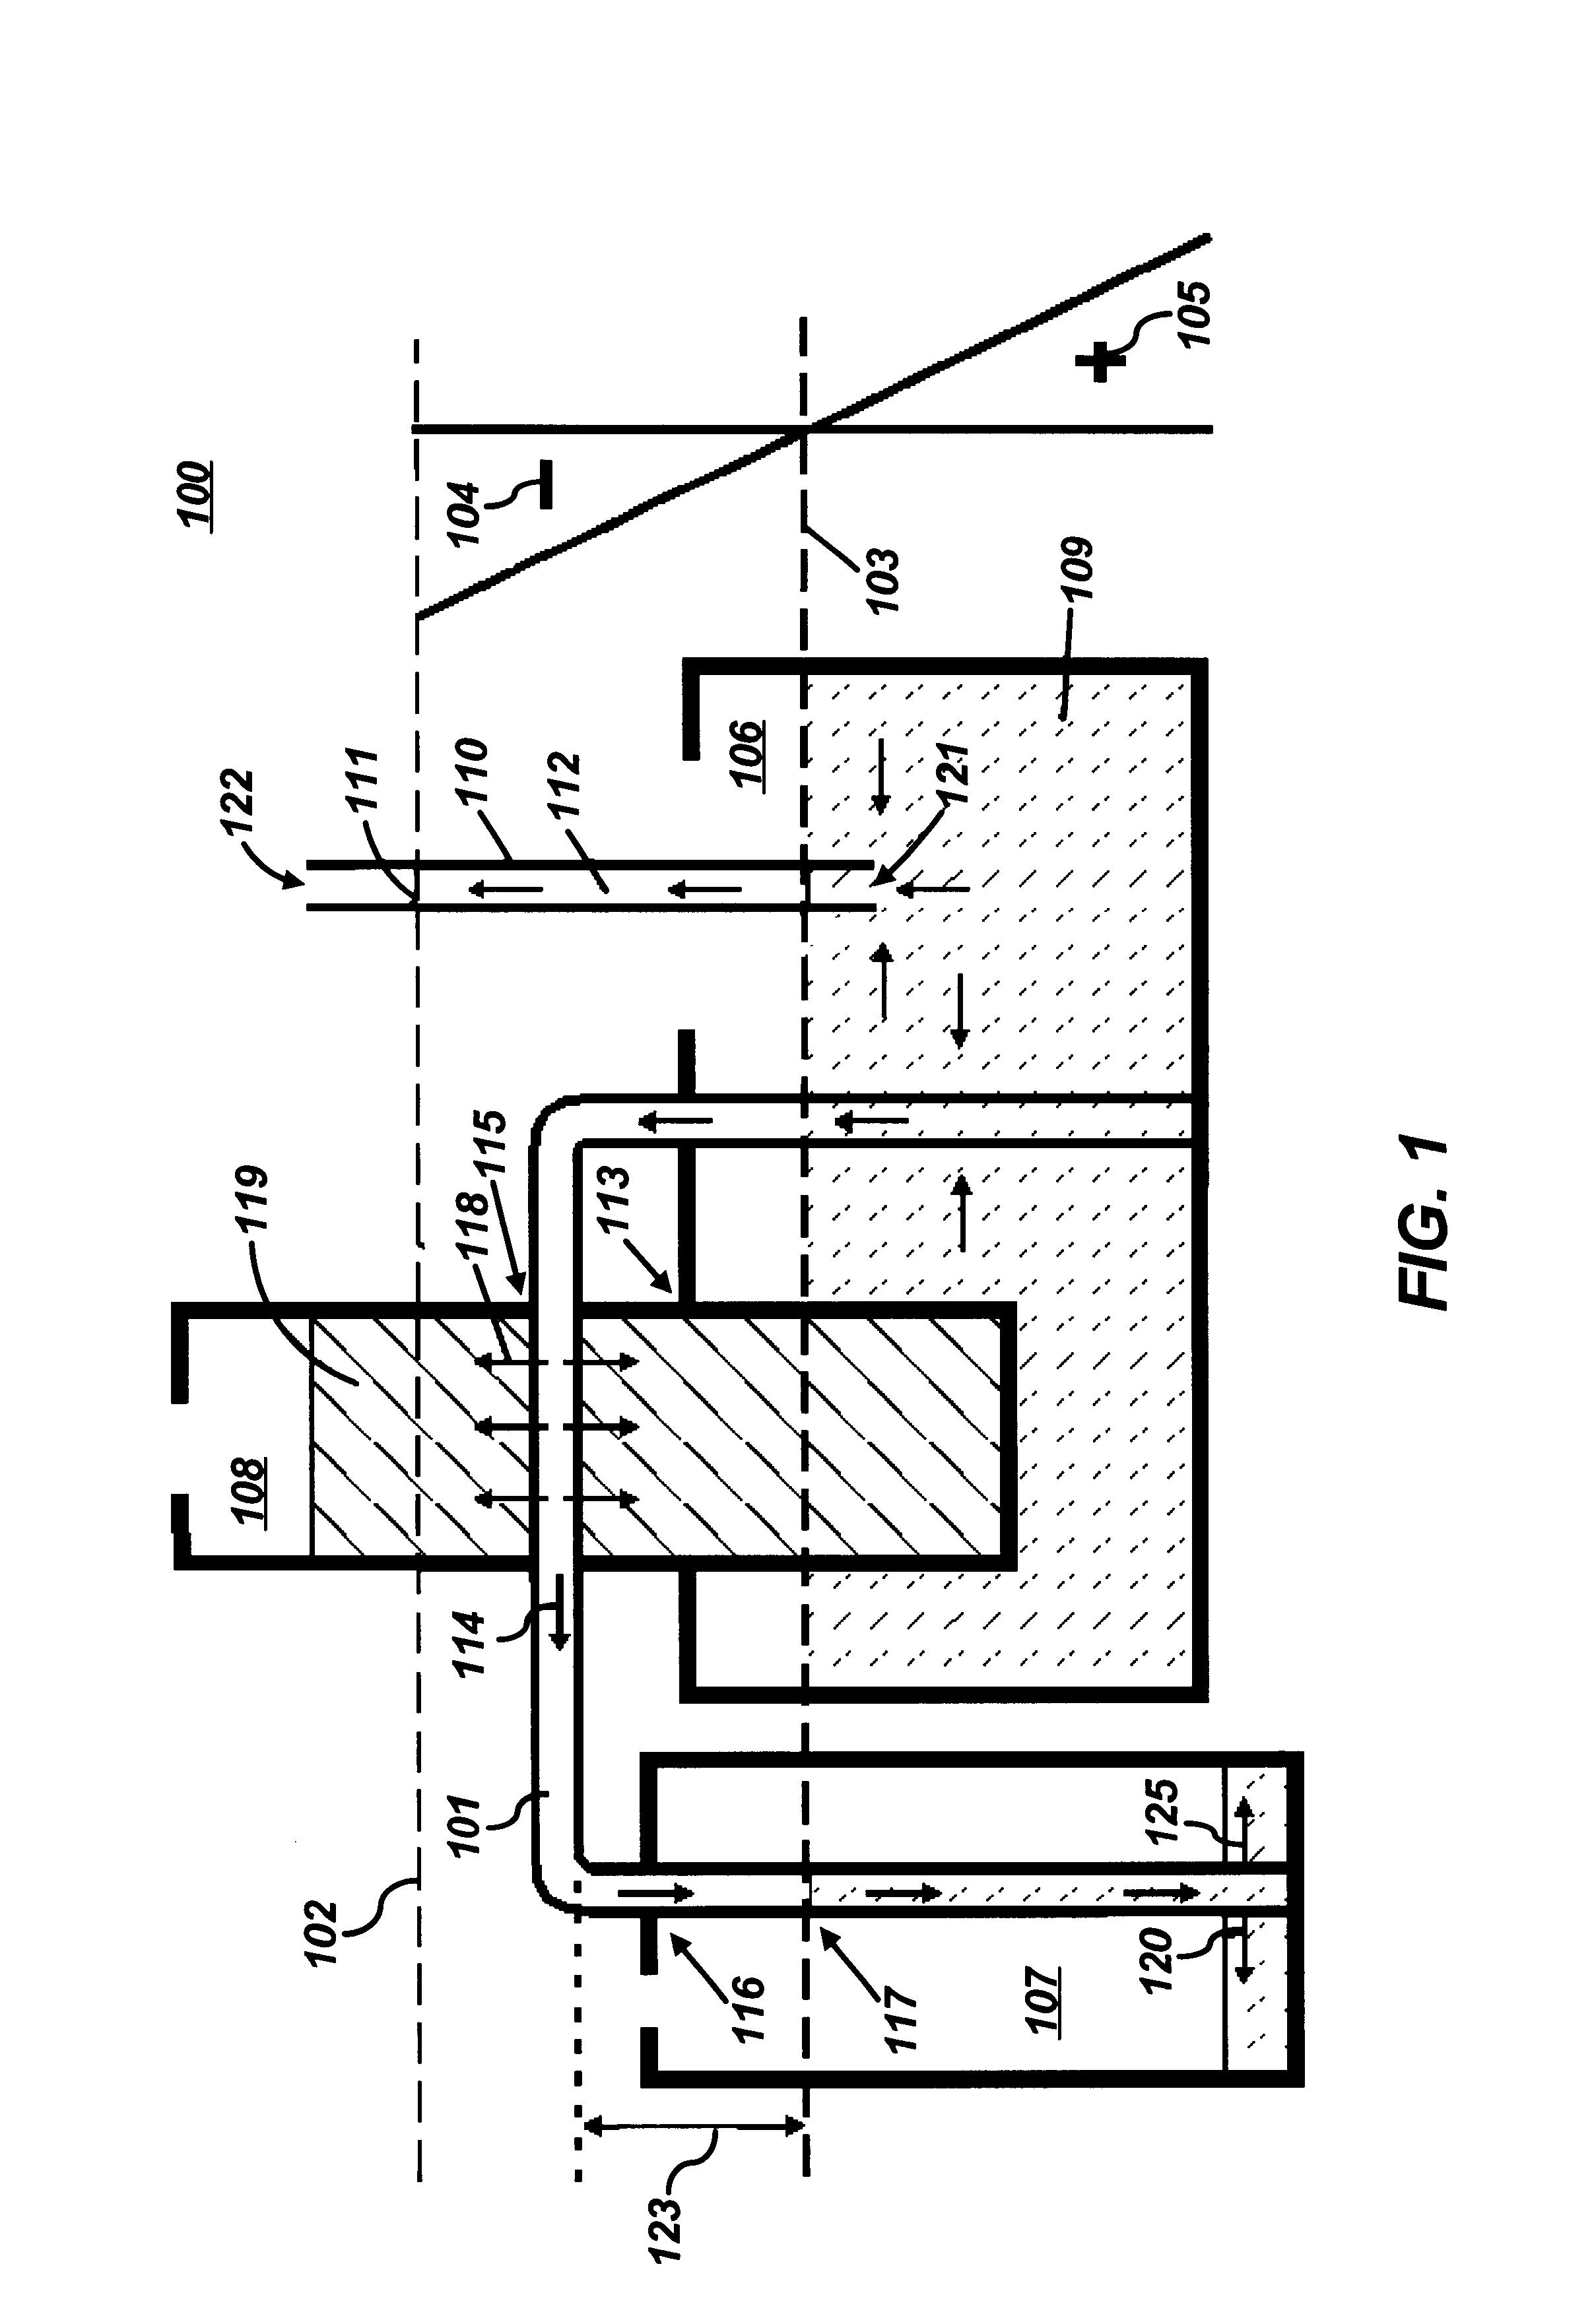 patent us6766817 fluid conduction utilizing a reversible